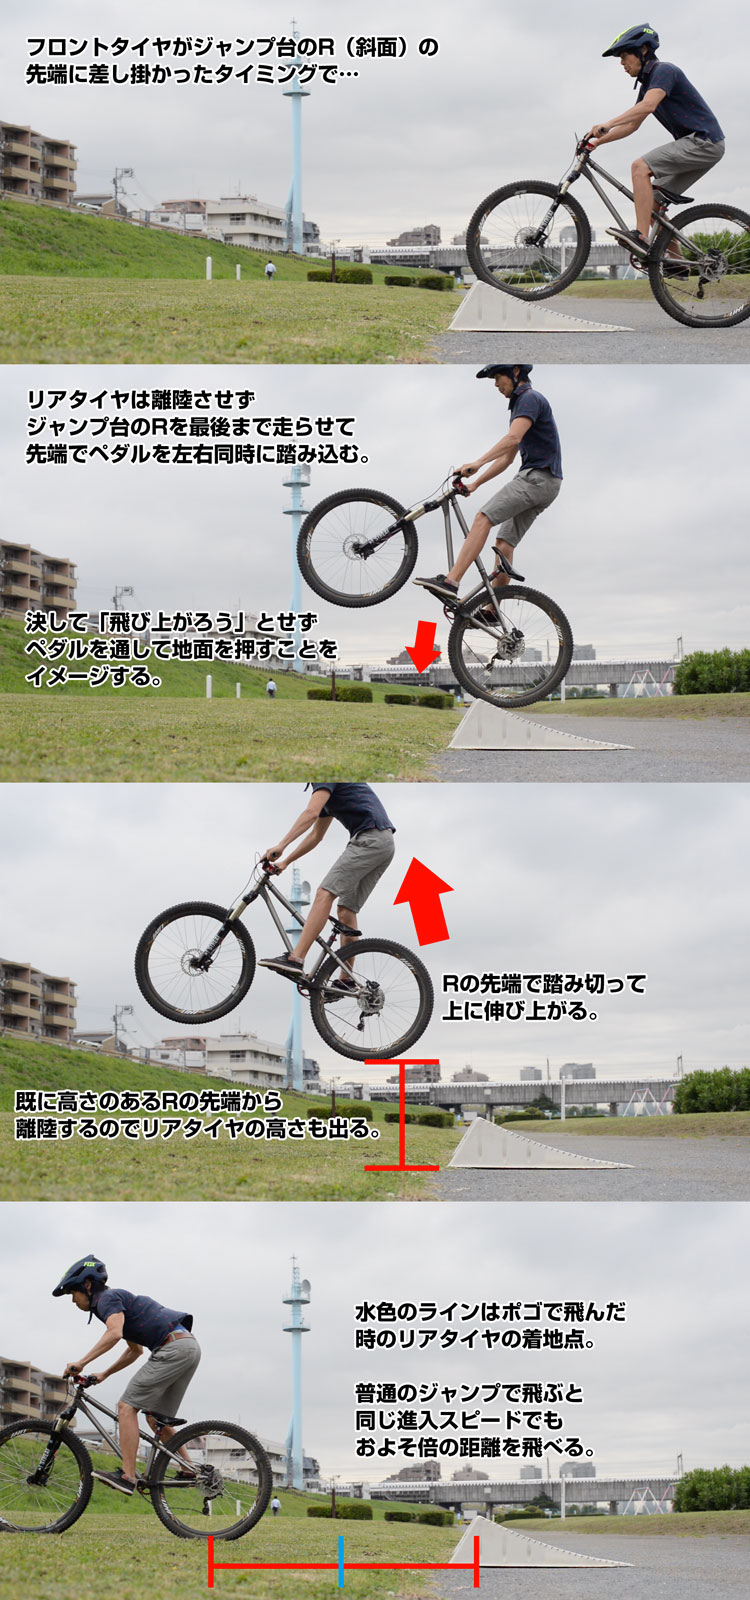 MTB マウンテンバイク ジャンプの分かりやすいやり方